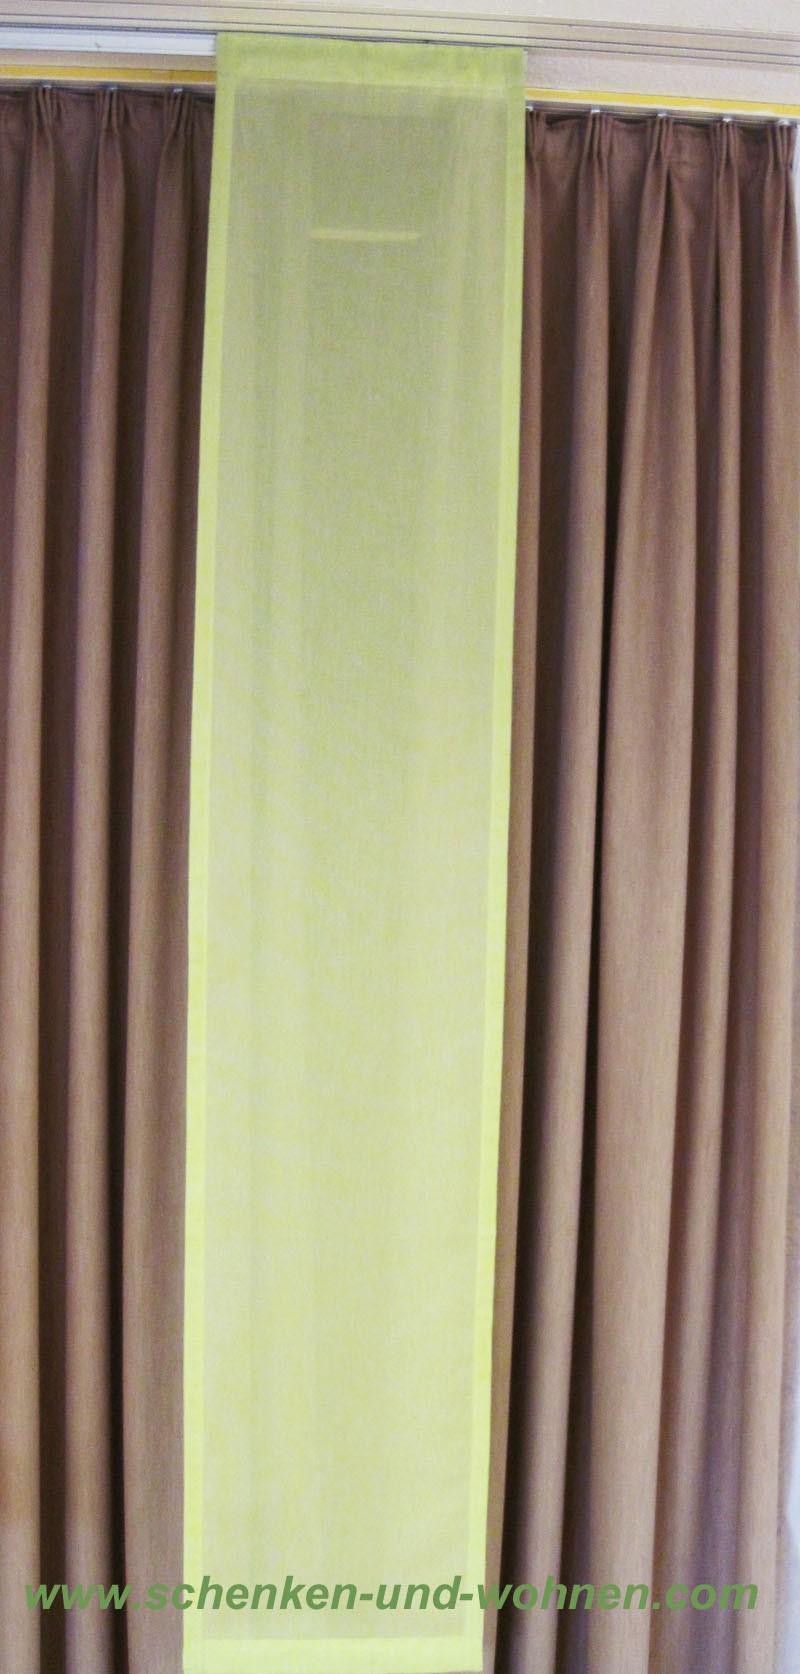 Flächenvorhang grün 37 cm breit x 200 cm hoch ( incl. Beschwerungsstab )